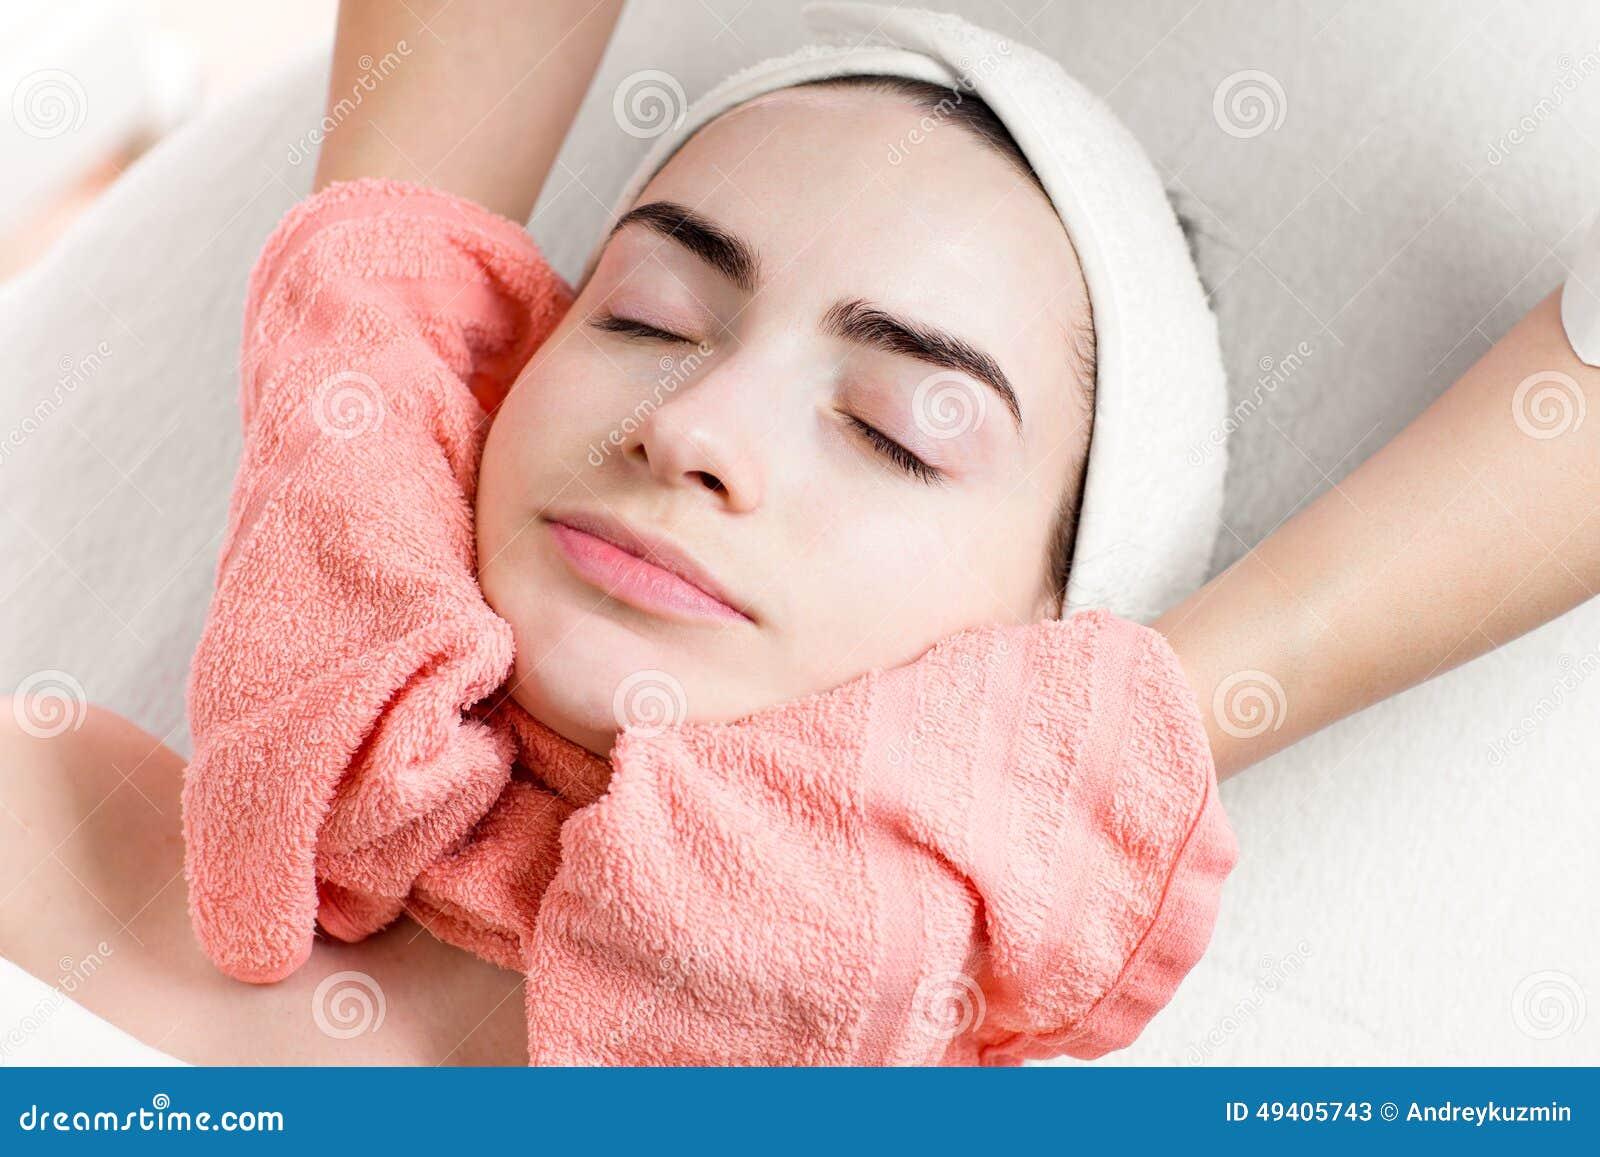 Download Gesichtsbehandlung Oder Massage Der Jungen Frau Mit Tuch Stockbild - Bild von massage, karosserie: 49405743